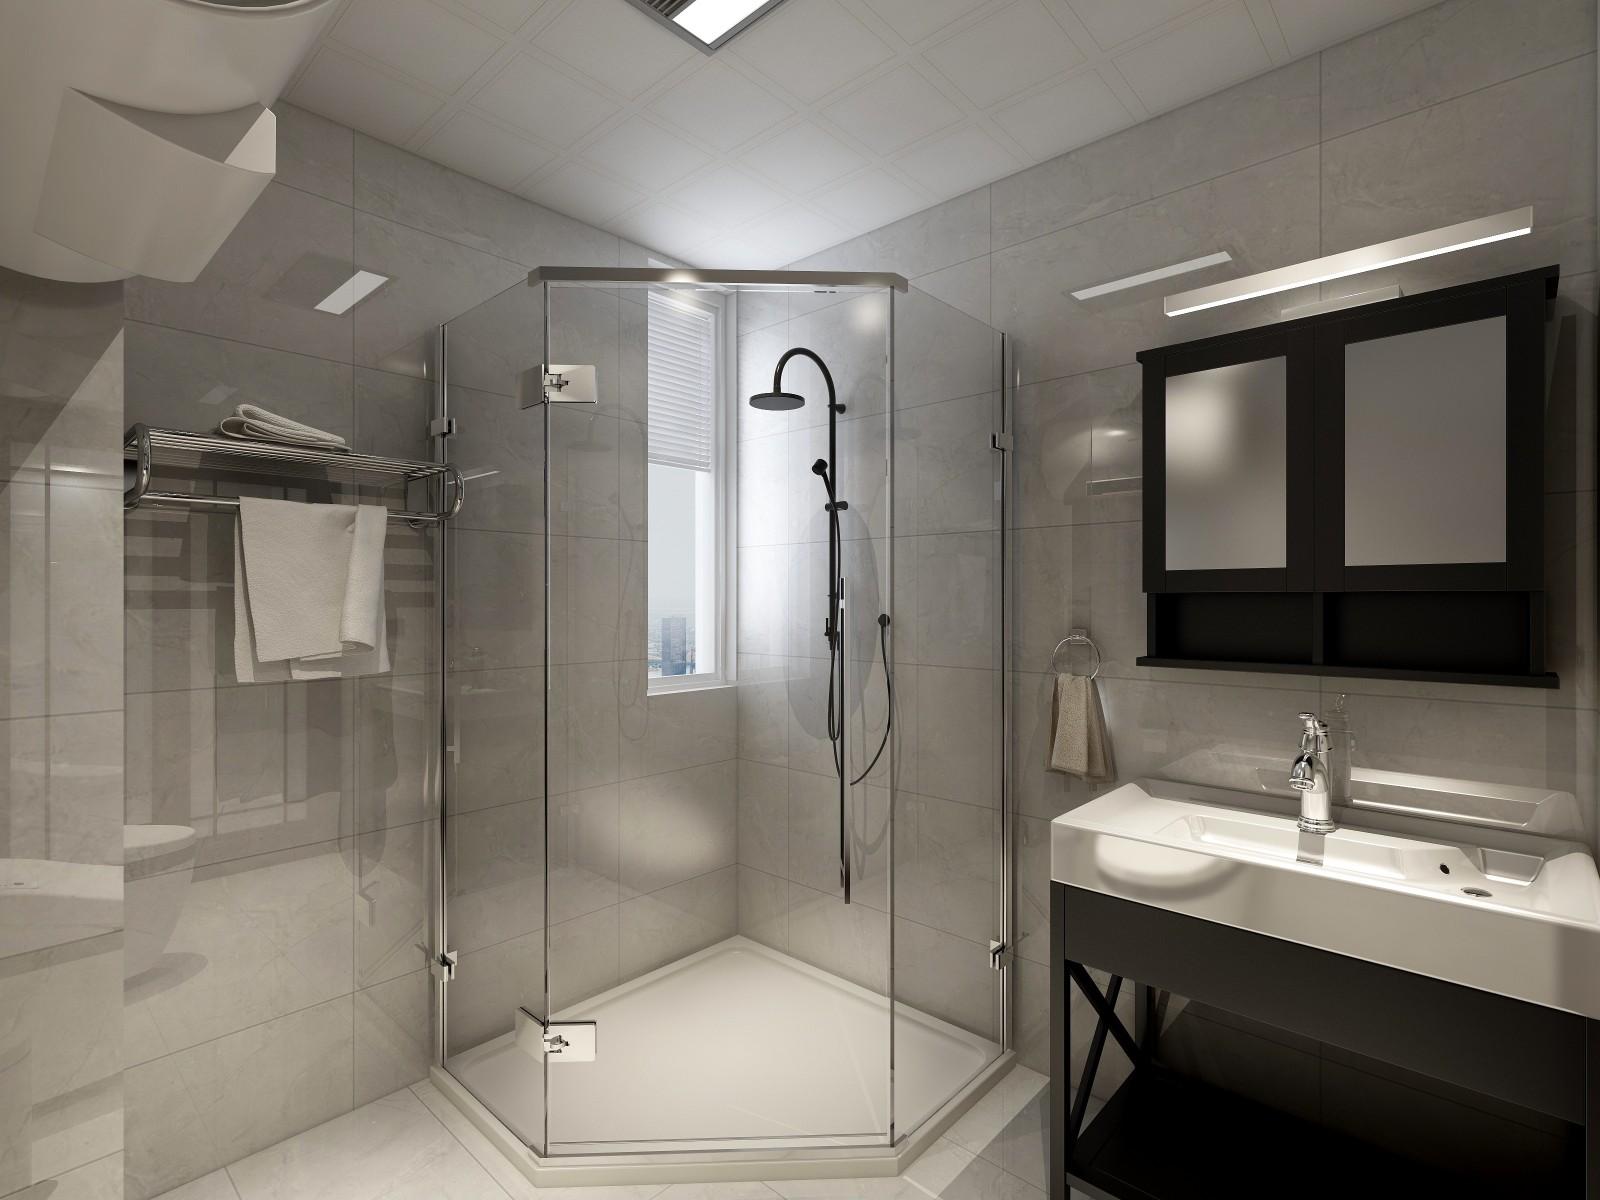 2020簡約衛生間裝修圖片 2020簡約淋浴房裝修設計圖片